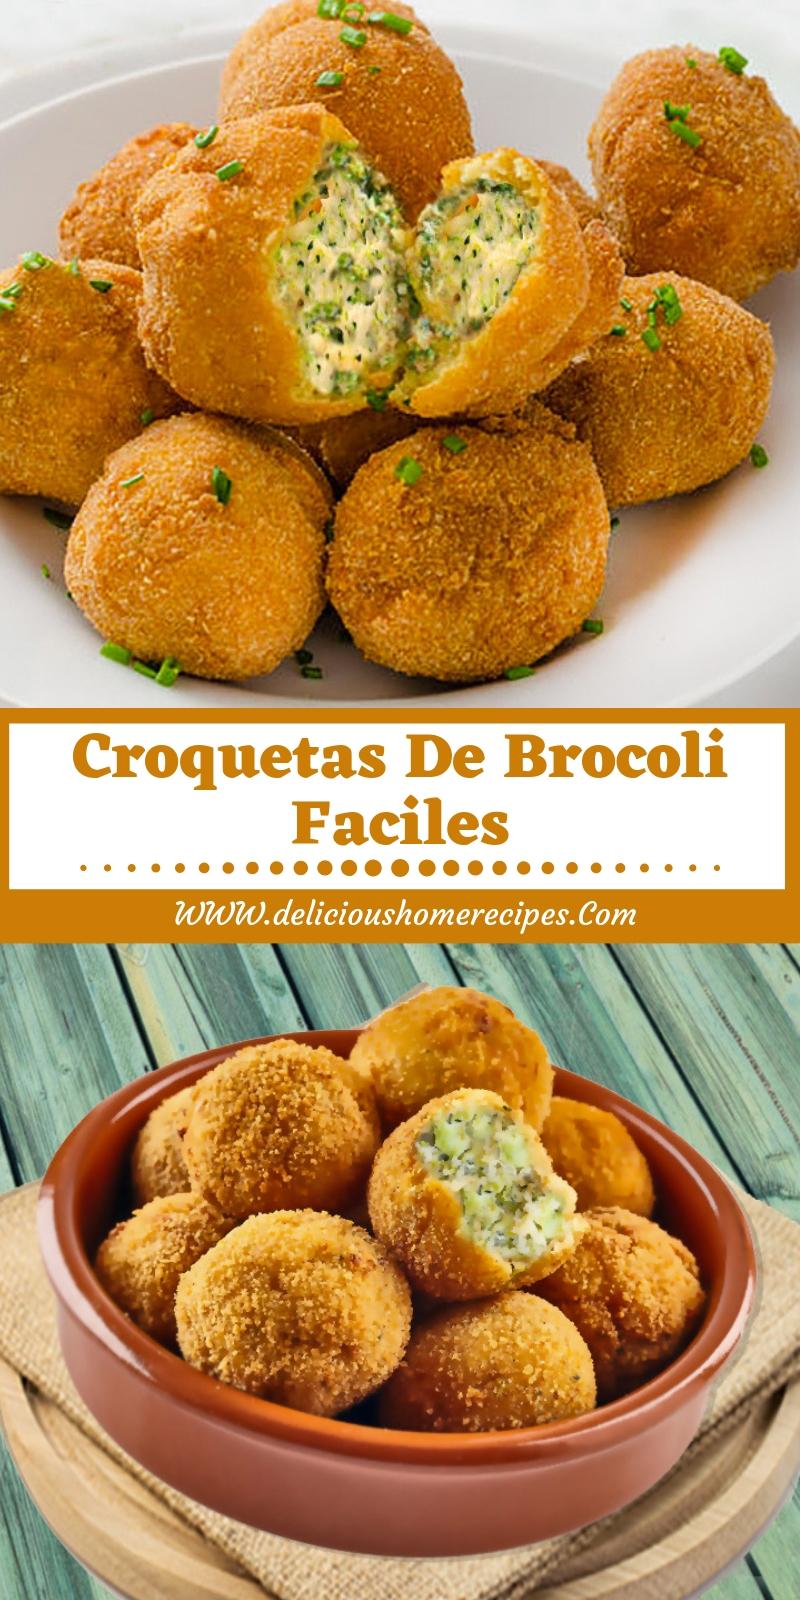 Croquetas De Brocoli Faciles